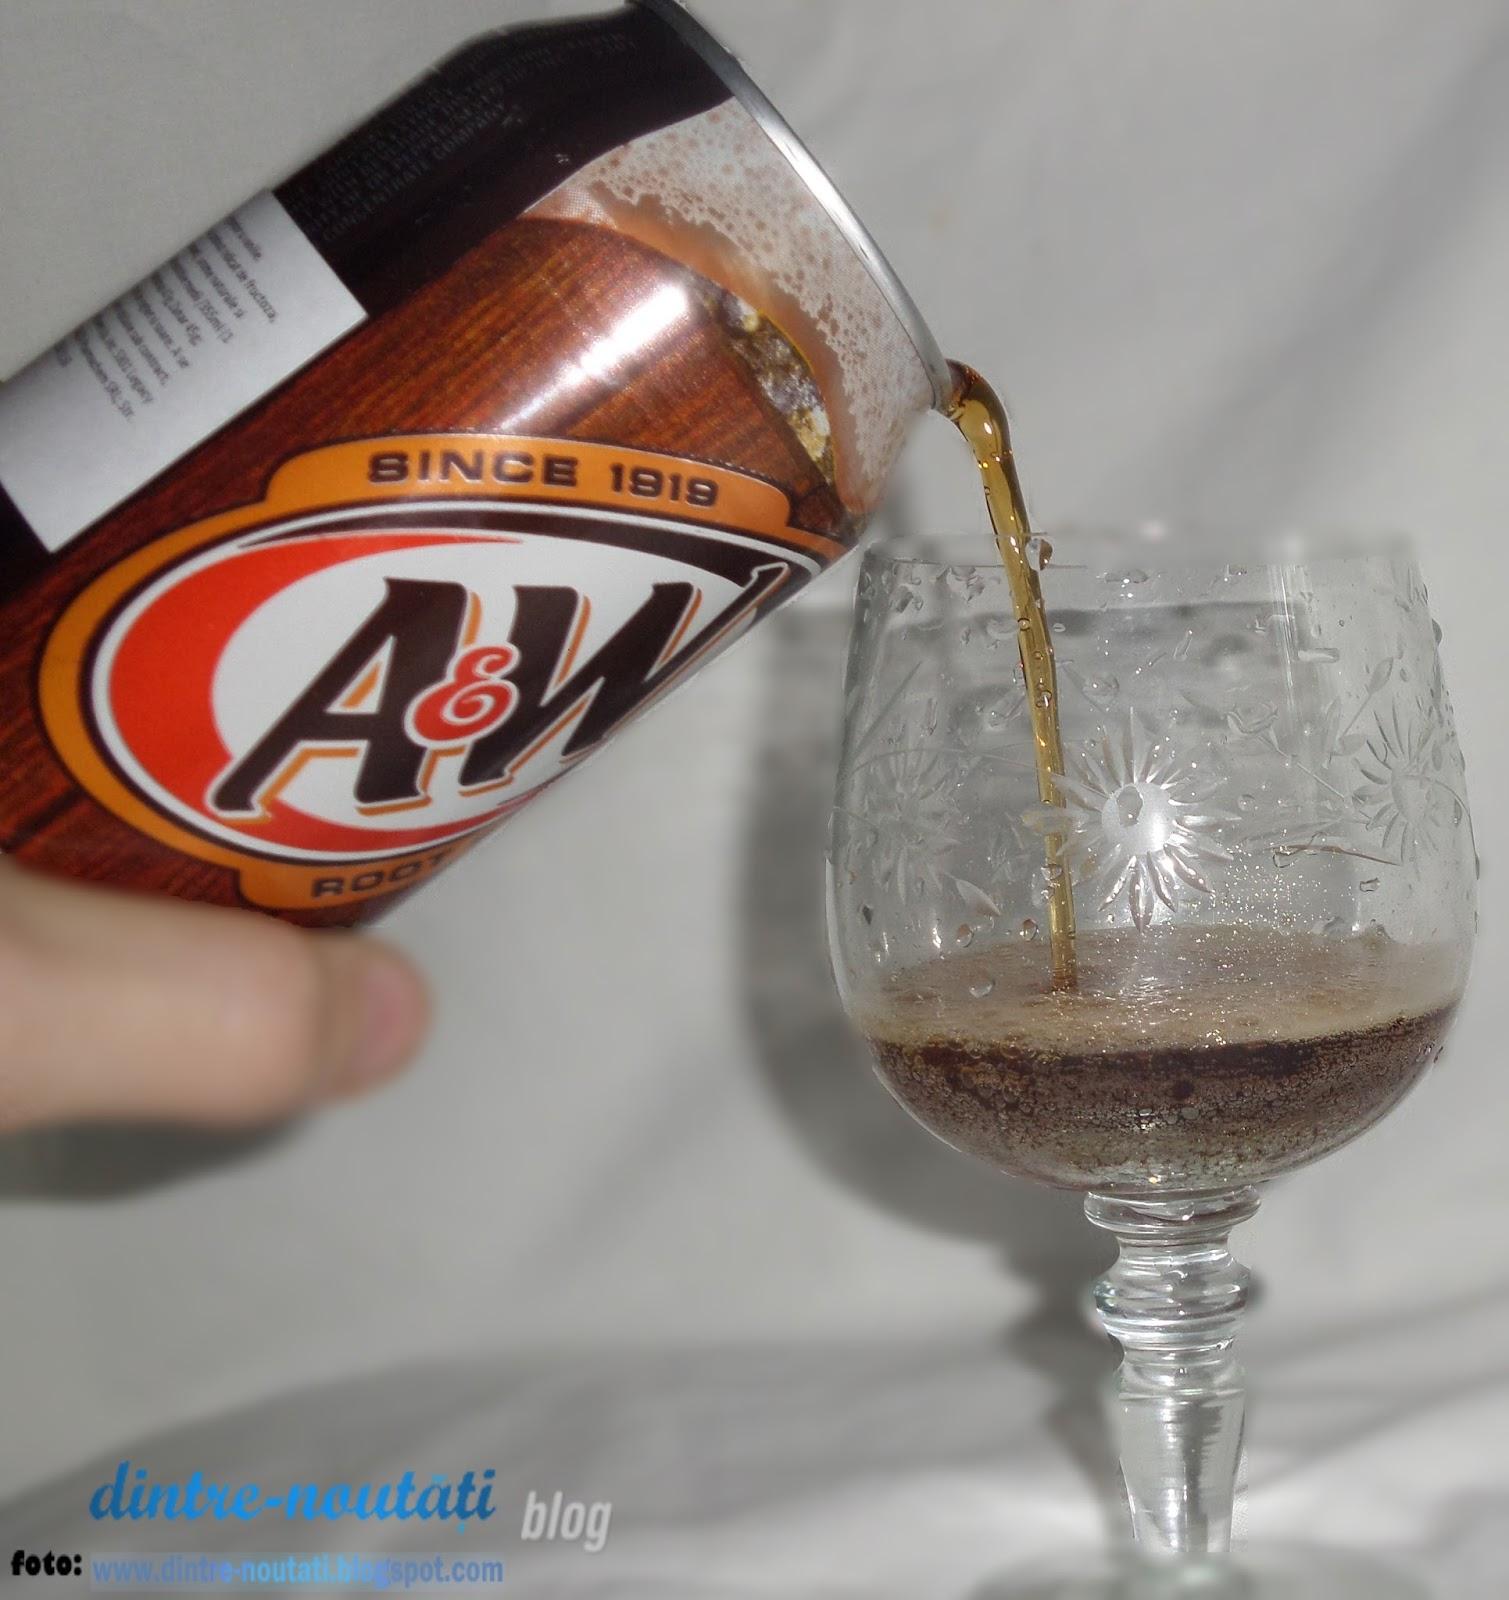 Băutură răcoritoare cu aromă de ghimbir și vanilie soda sua